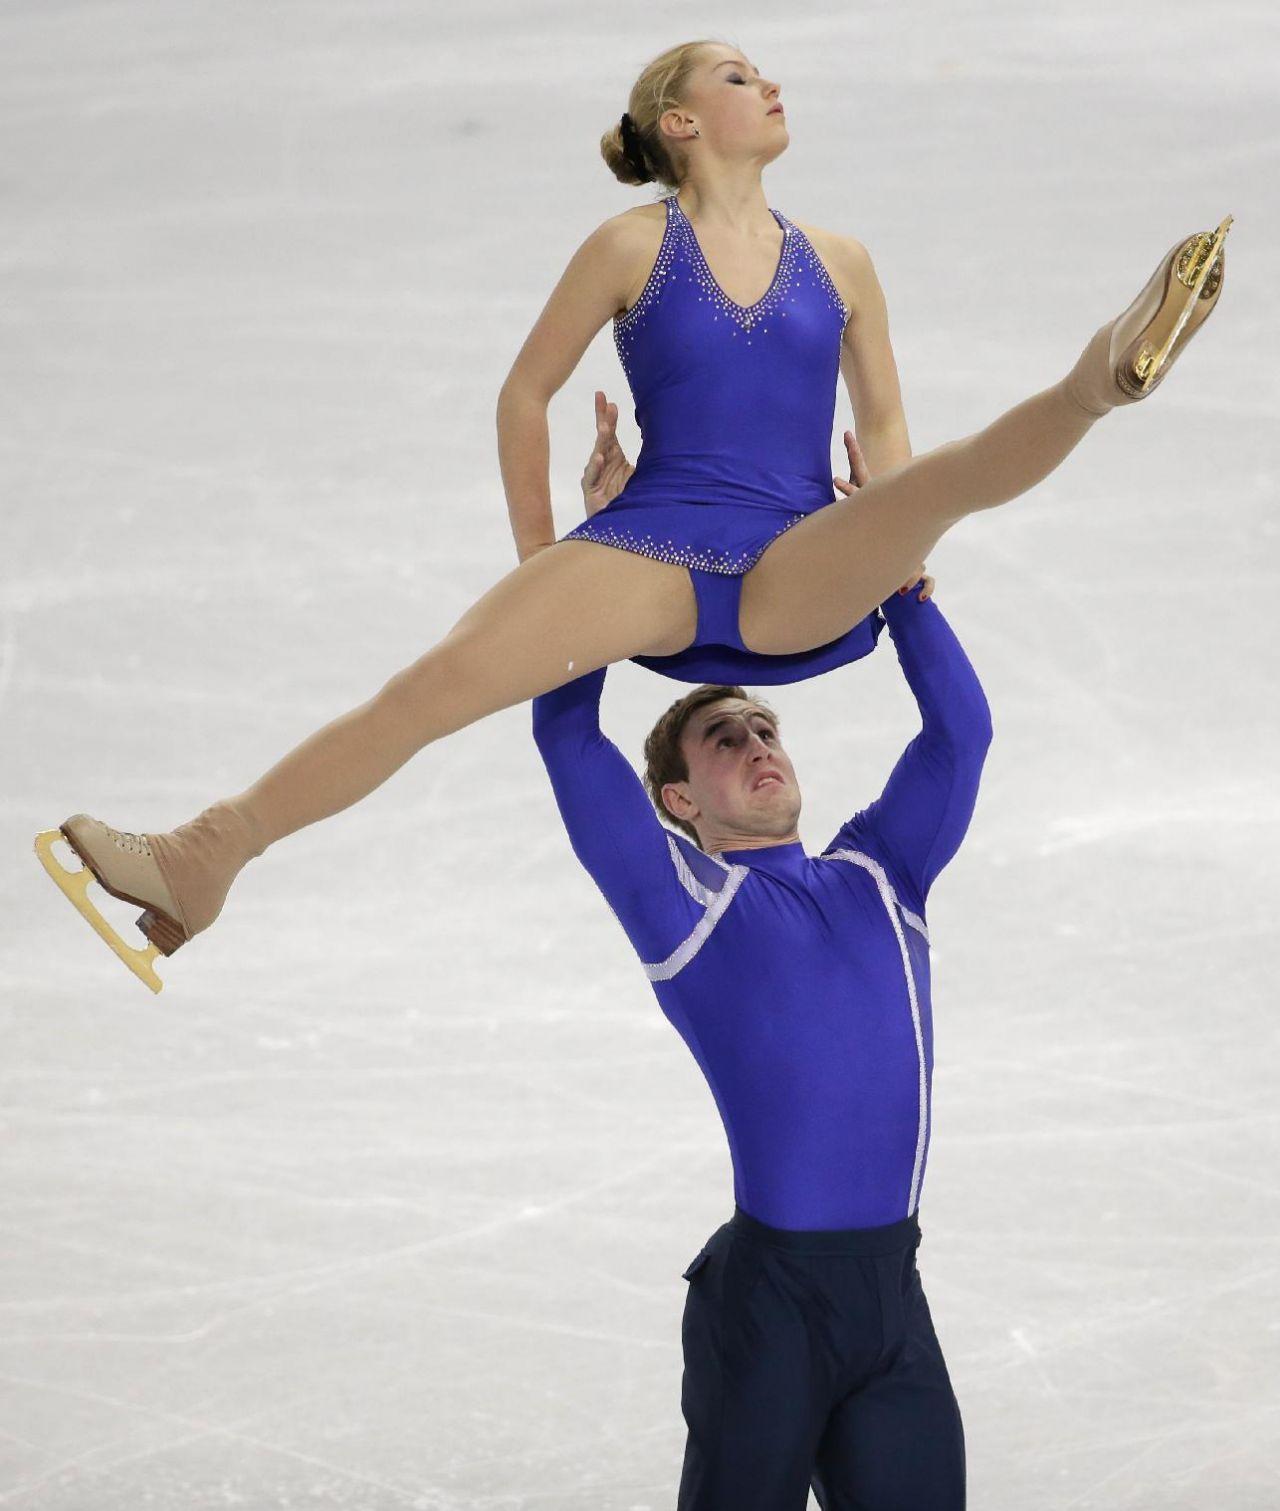 Julia Lavrentieva